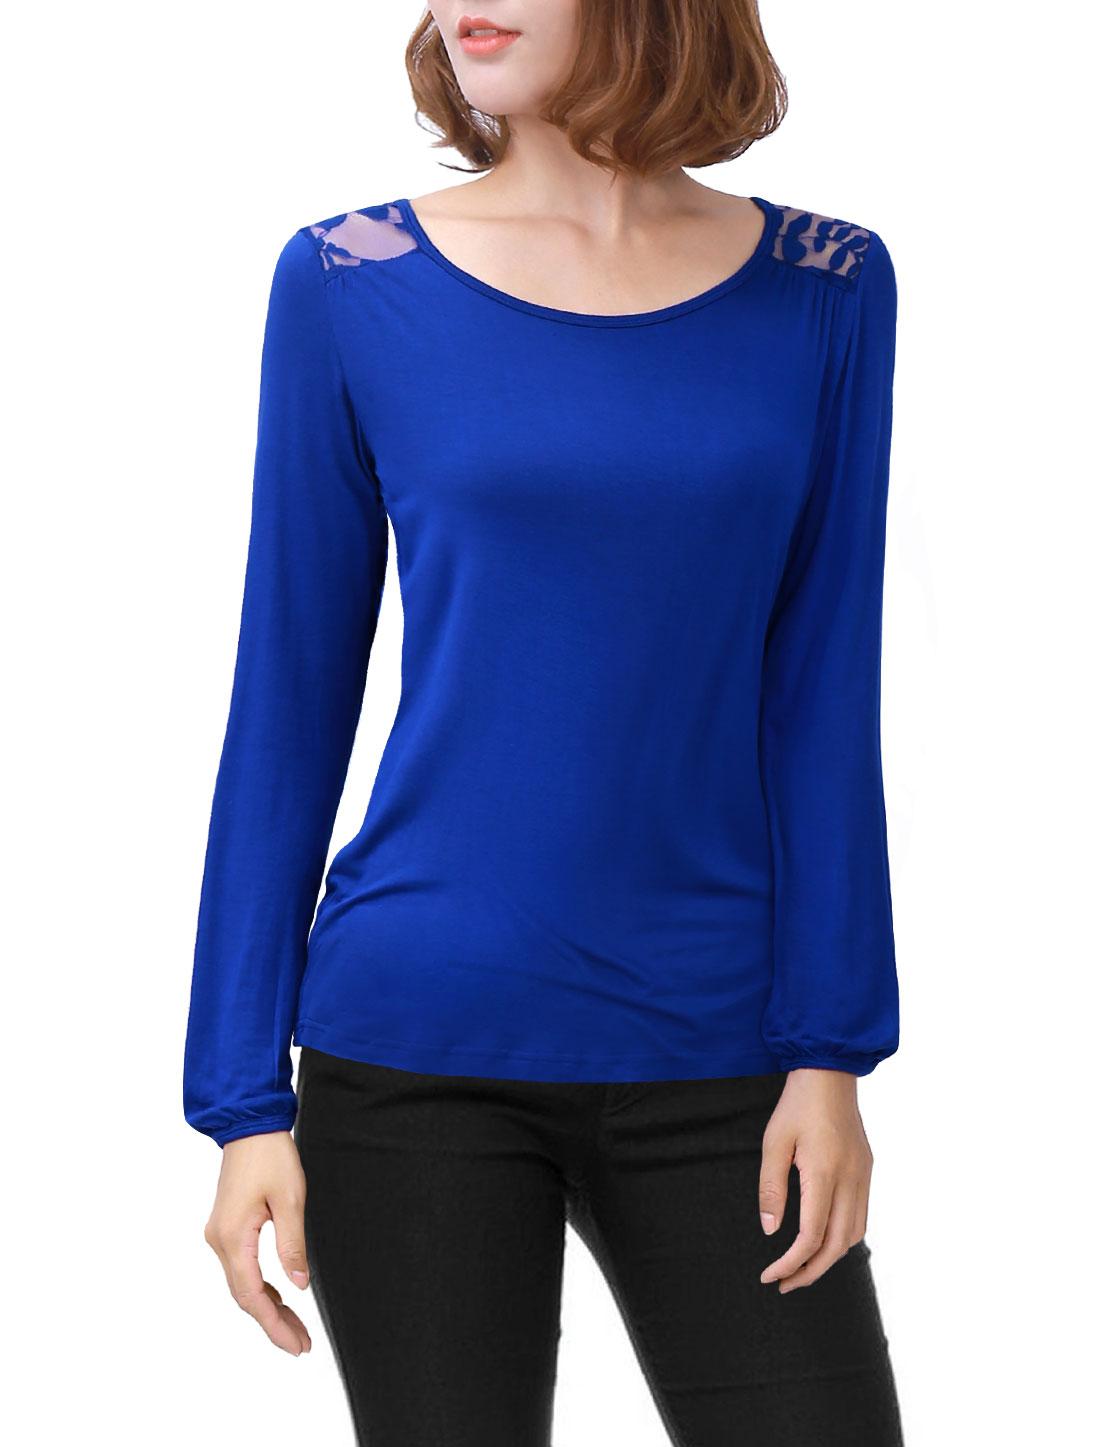 Woman Lace Panel Long Sleeves Scoop Neck Elastic Loop Closure Back Top Blue L